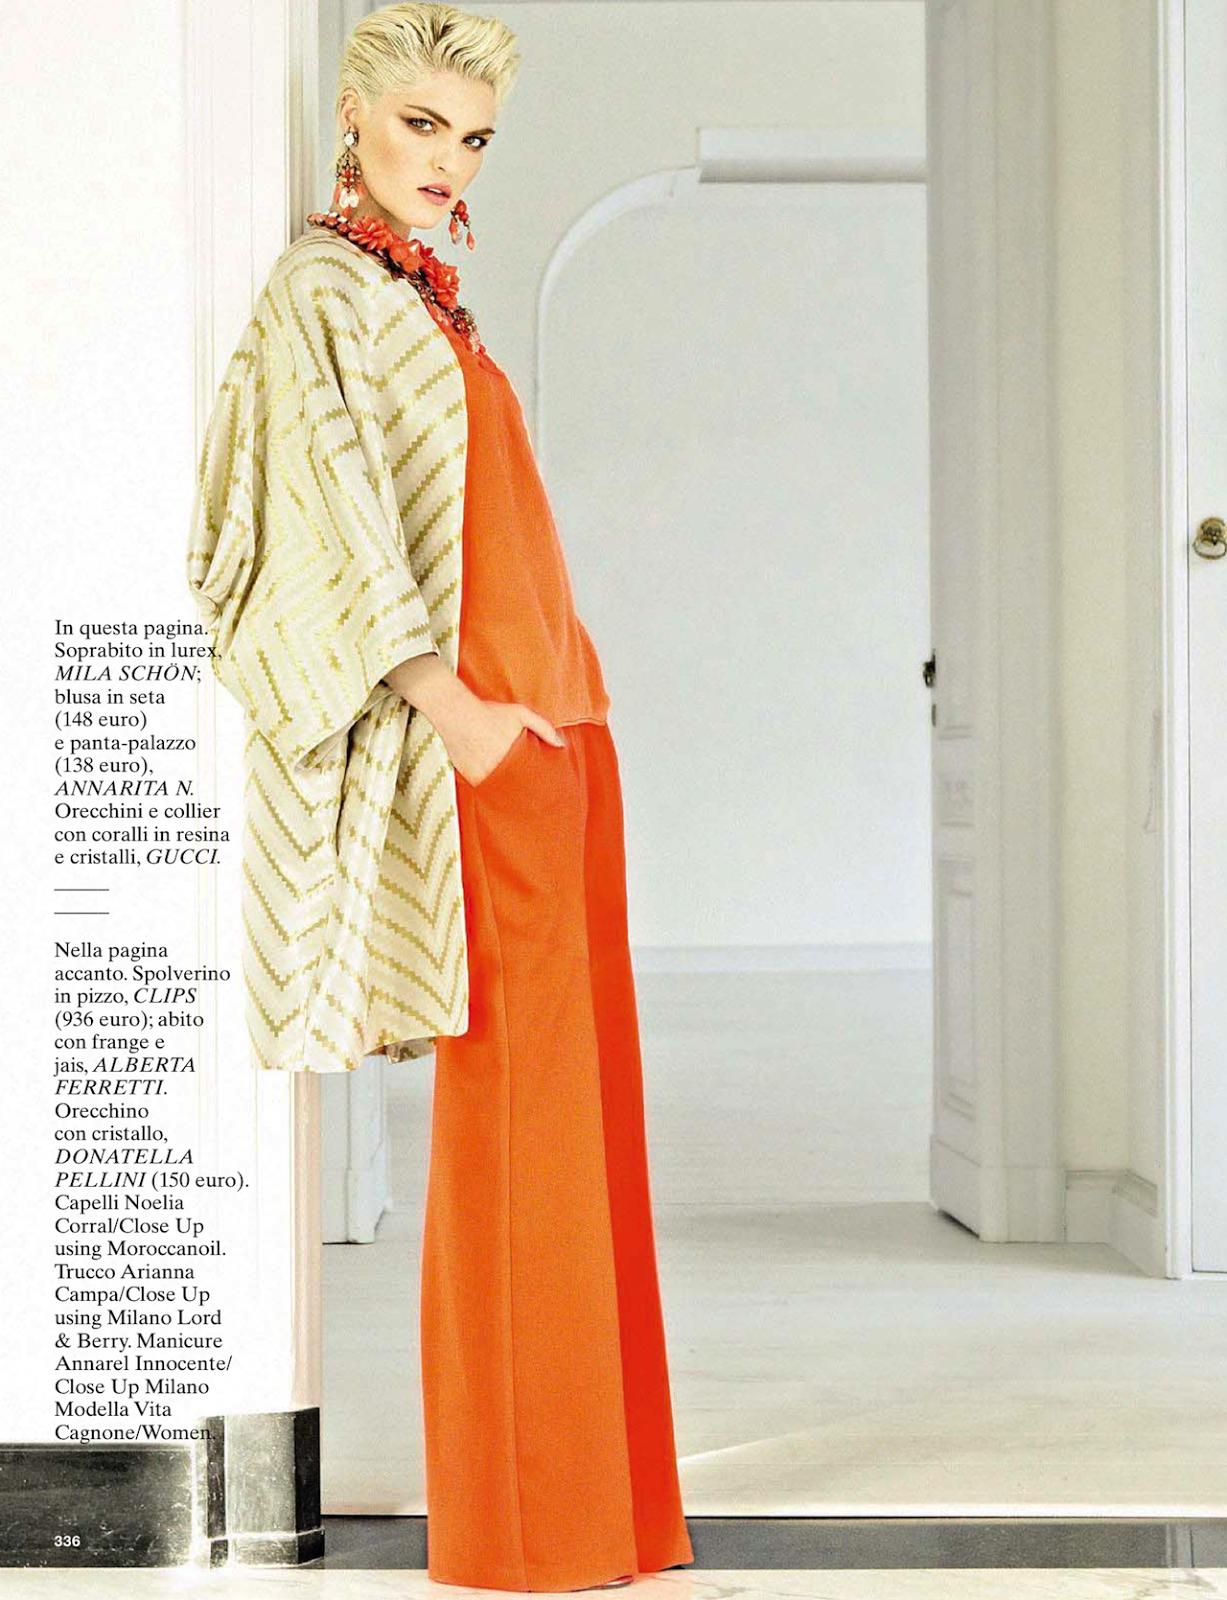 riviera: vita cagnone by lorenzo bringheli for glamour italia april 2013   visual optimism; fashion editorials, shows, campaigns & more!